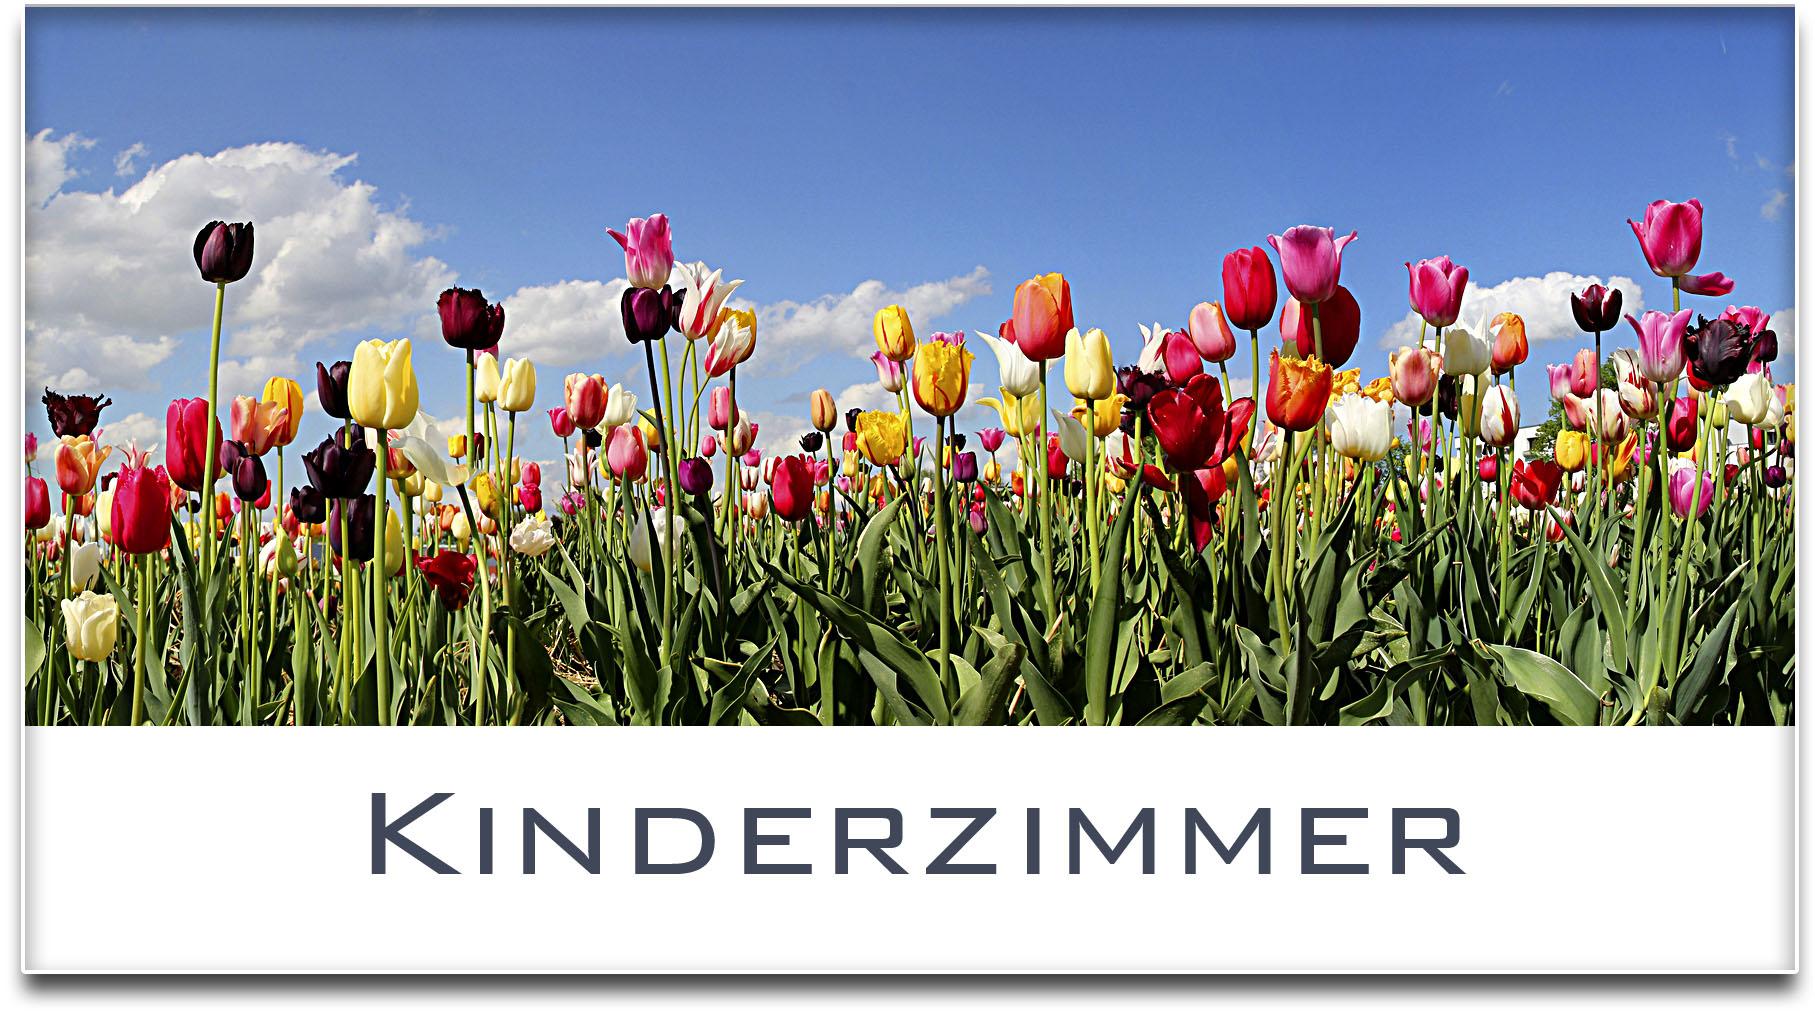 Türschild / Haustürschild / Tulpenfeld / Kinderzimmer / Selbstklebend